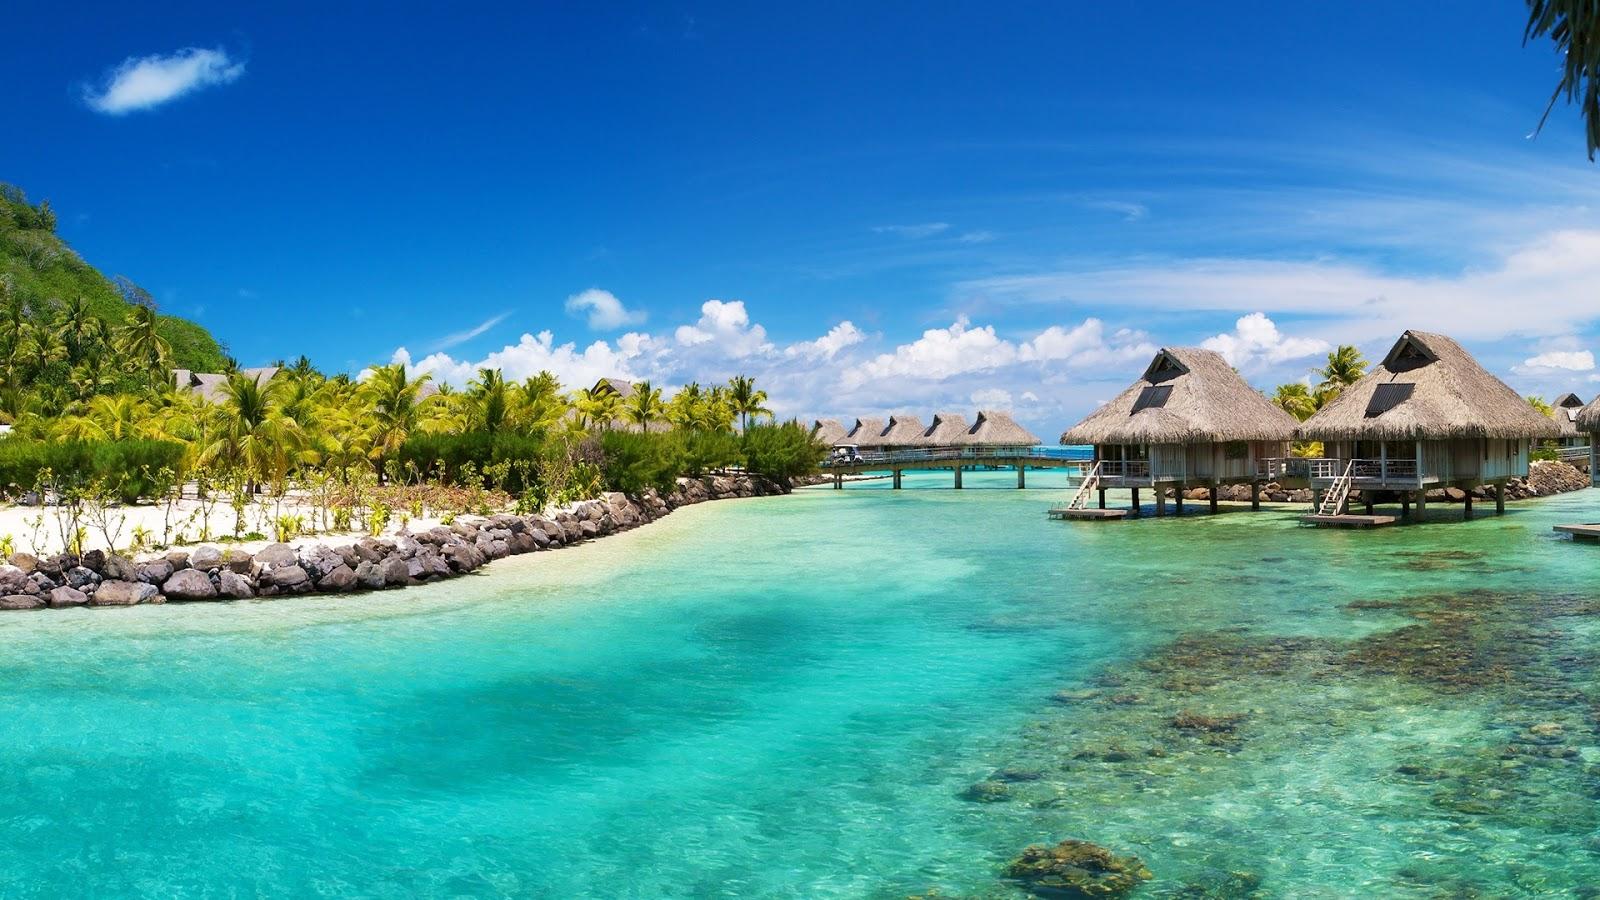 Bora Bora Hilton Resort